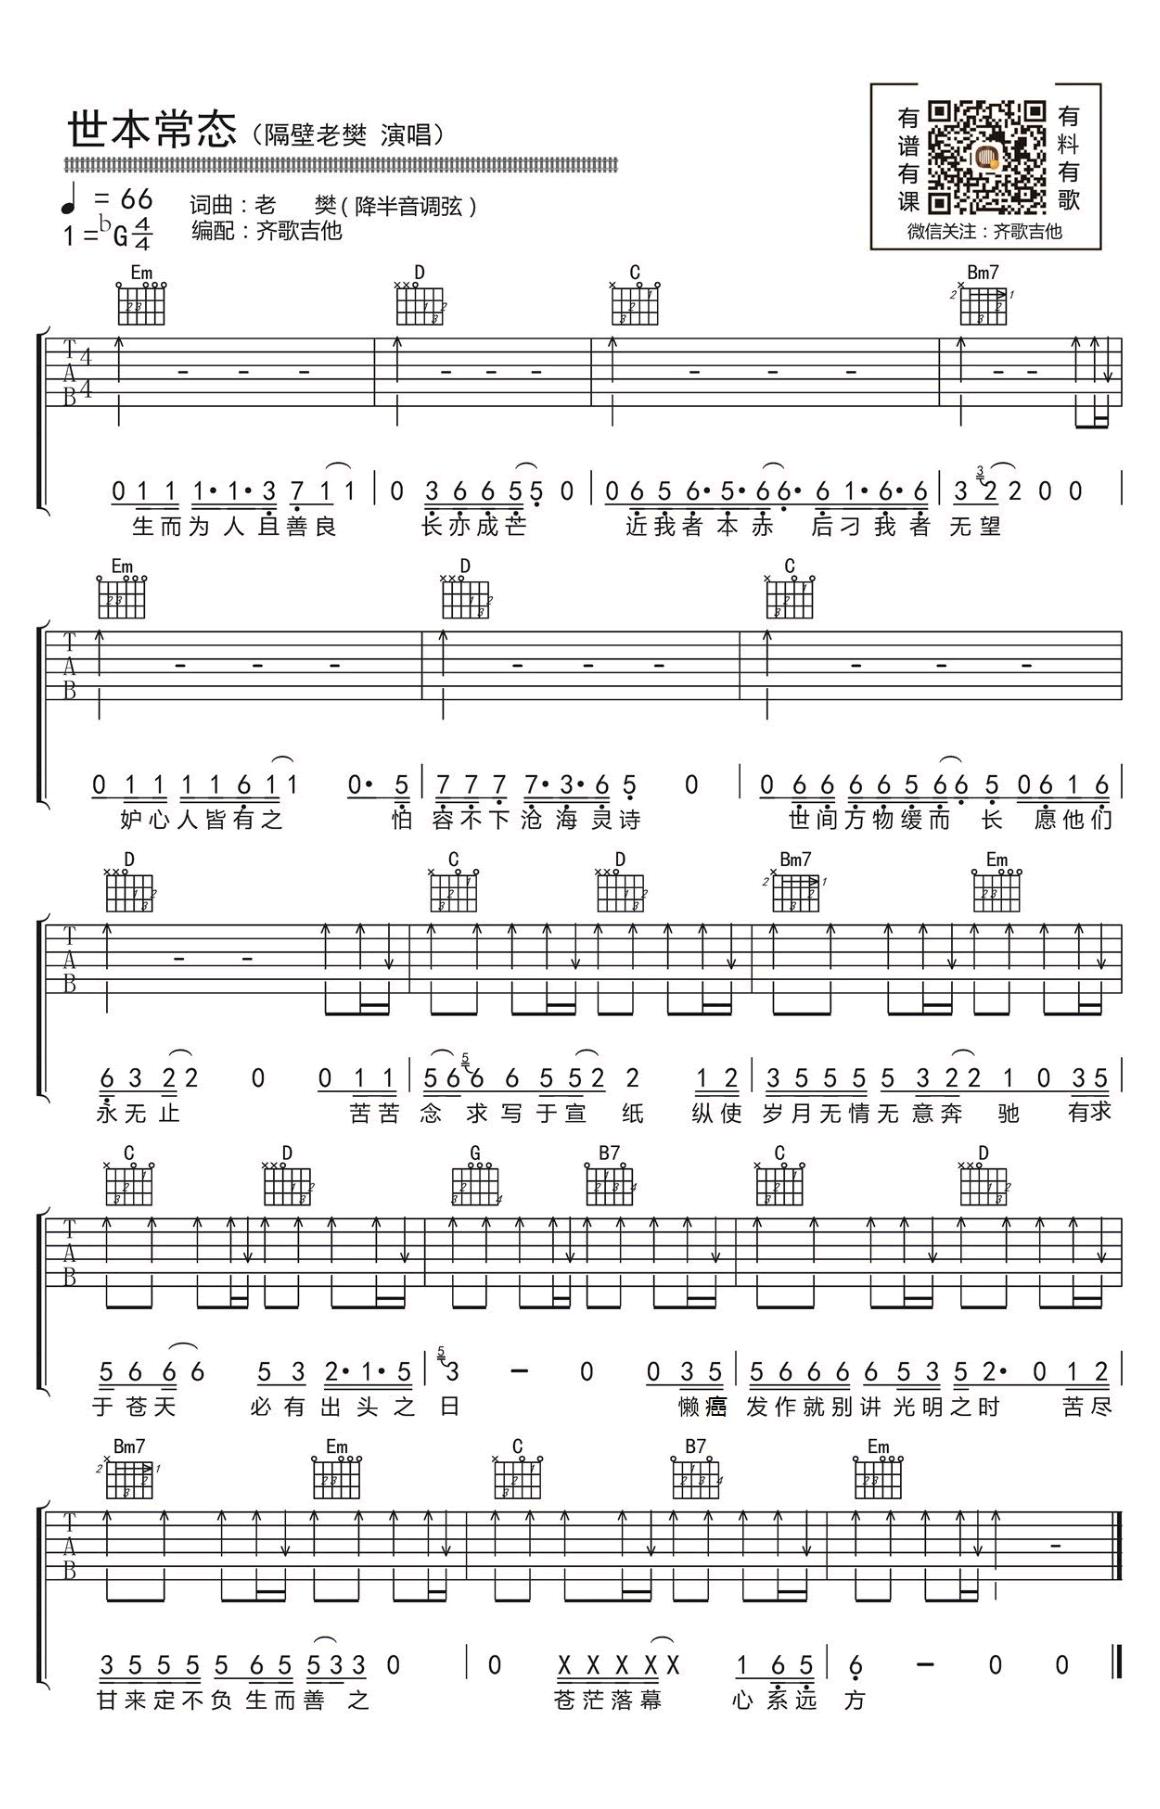 世本常态吉他谱_隔壁老樊_G调弹唱六线谱-吉他谱-C大调音乐网